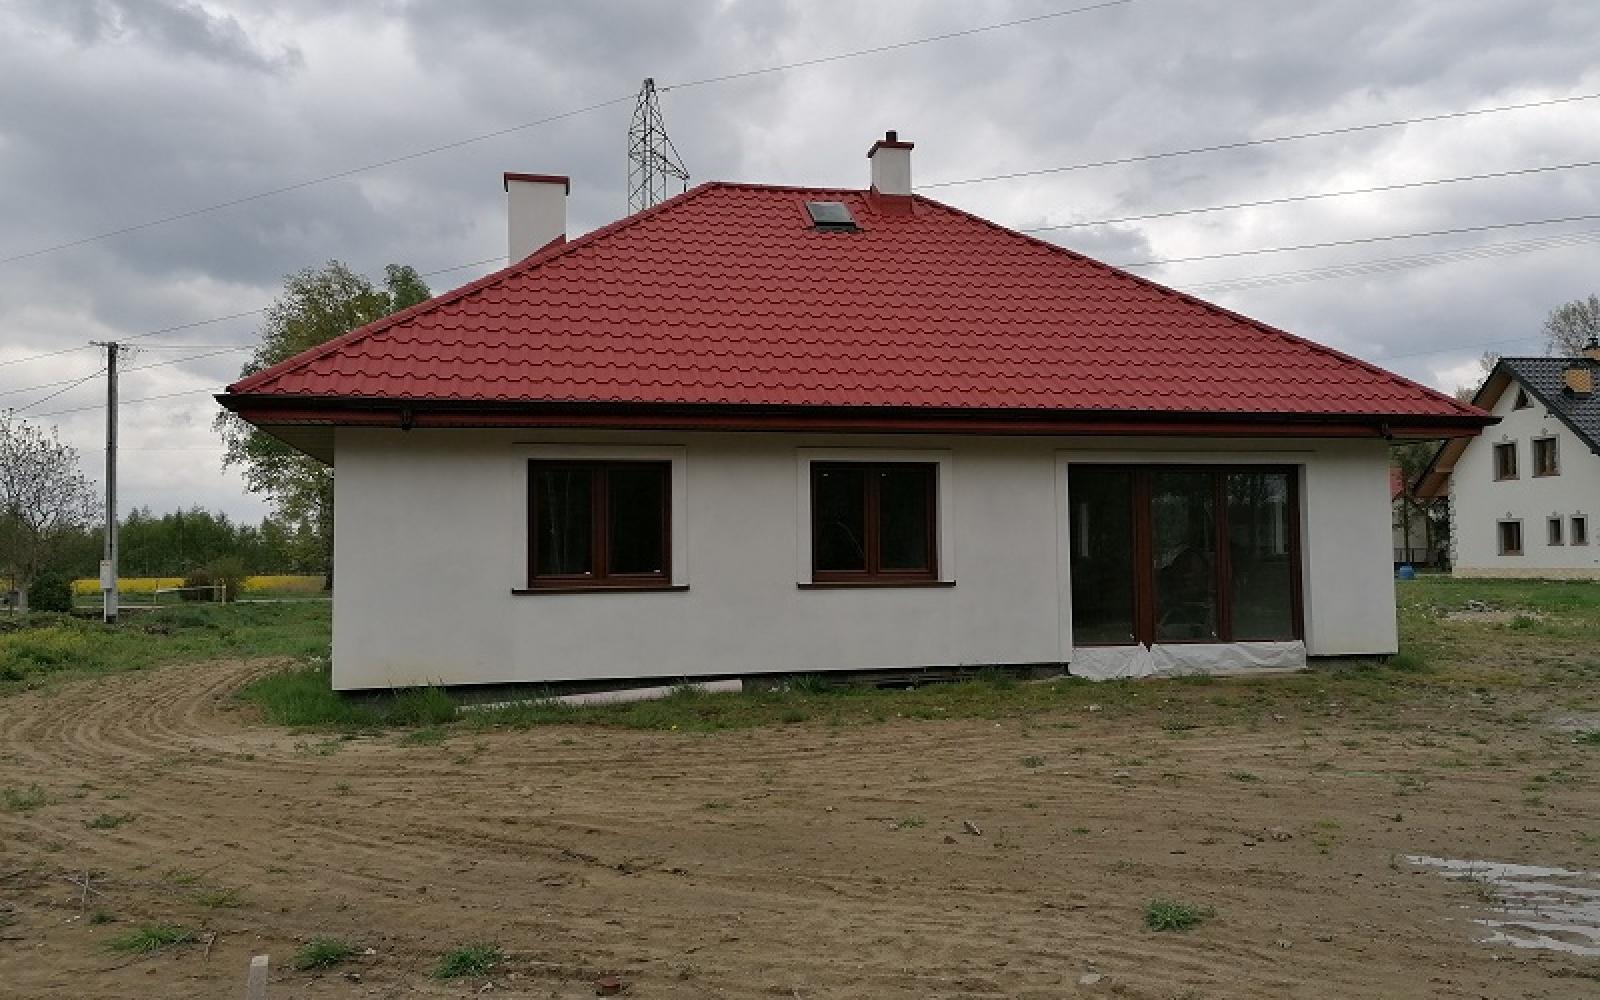 2 Bedrooms Bedrooms, 3 Rooms Rooms,1 BathroomBathrooms,Domy,Sprzedaż,1103